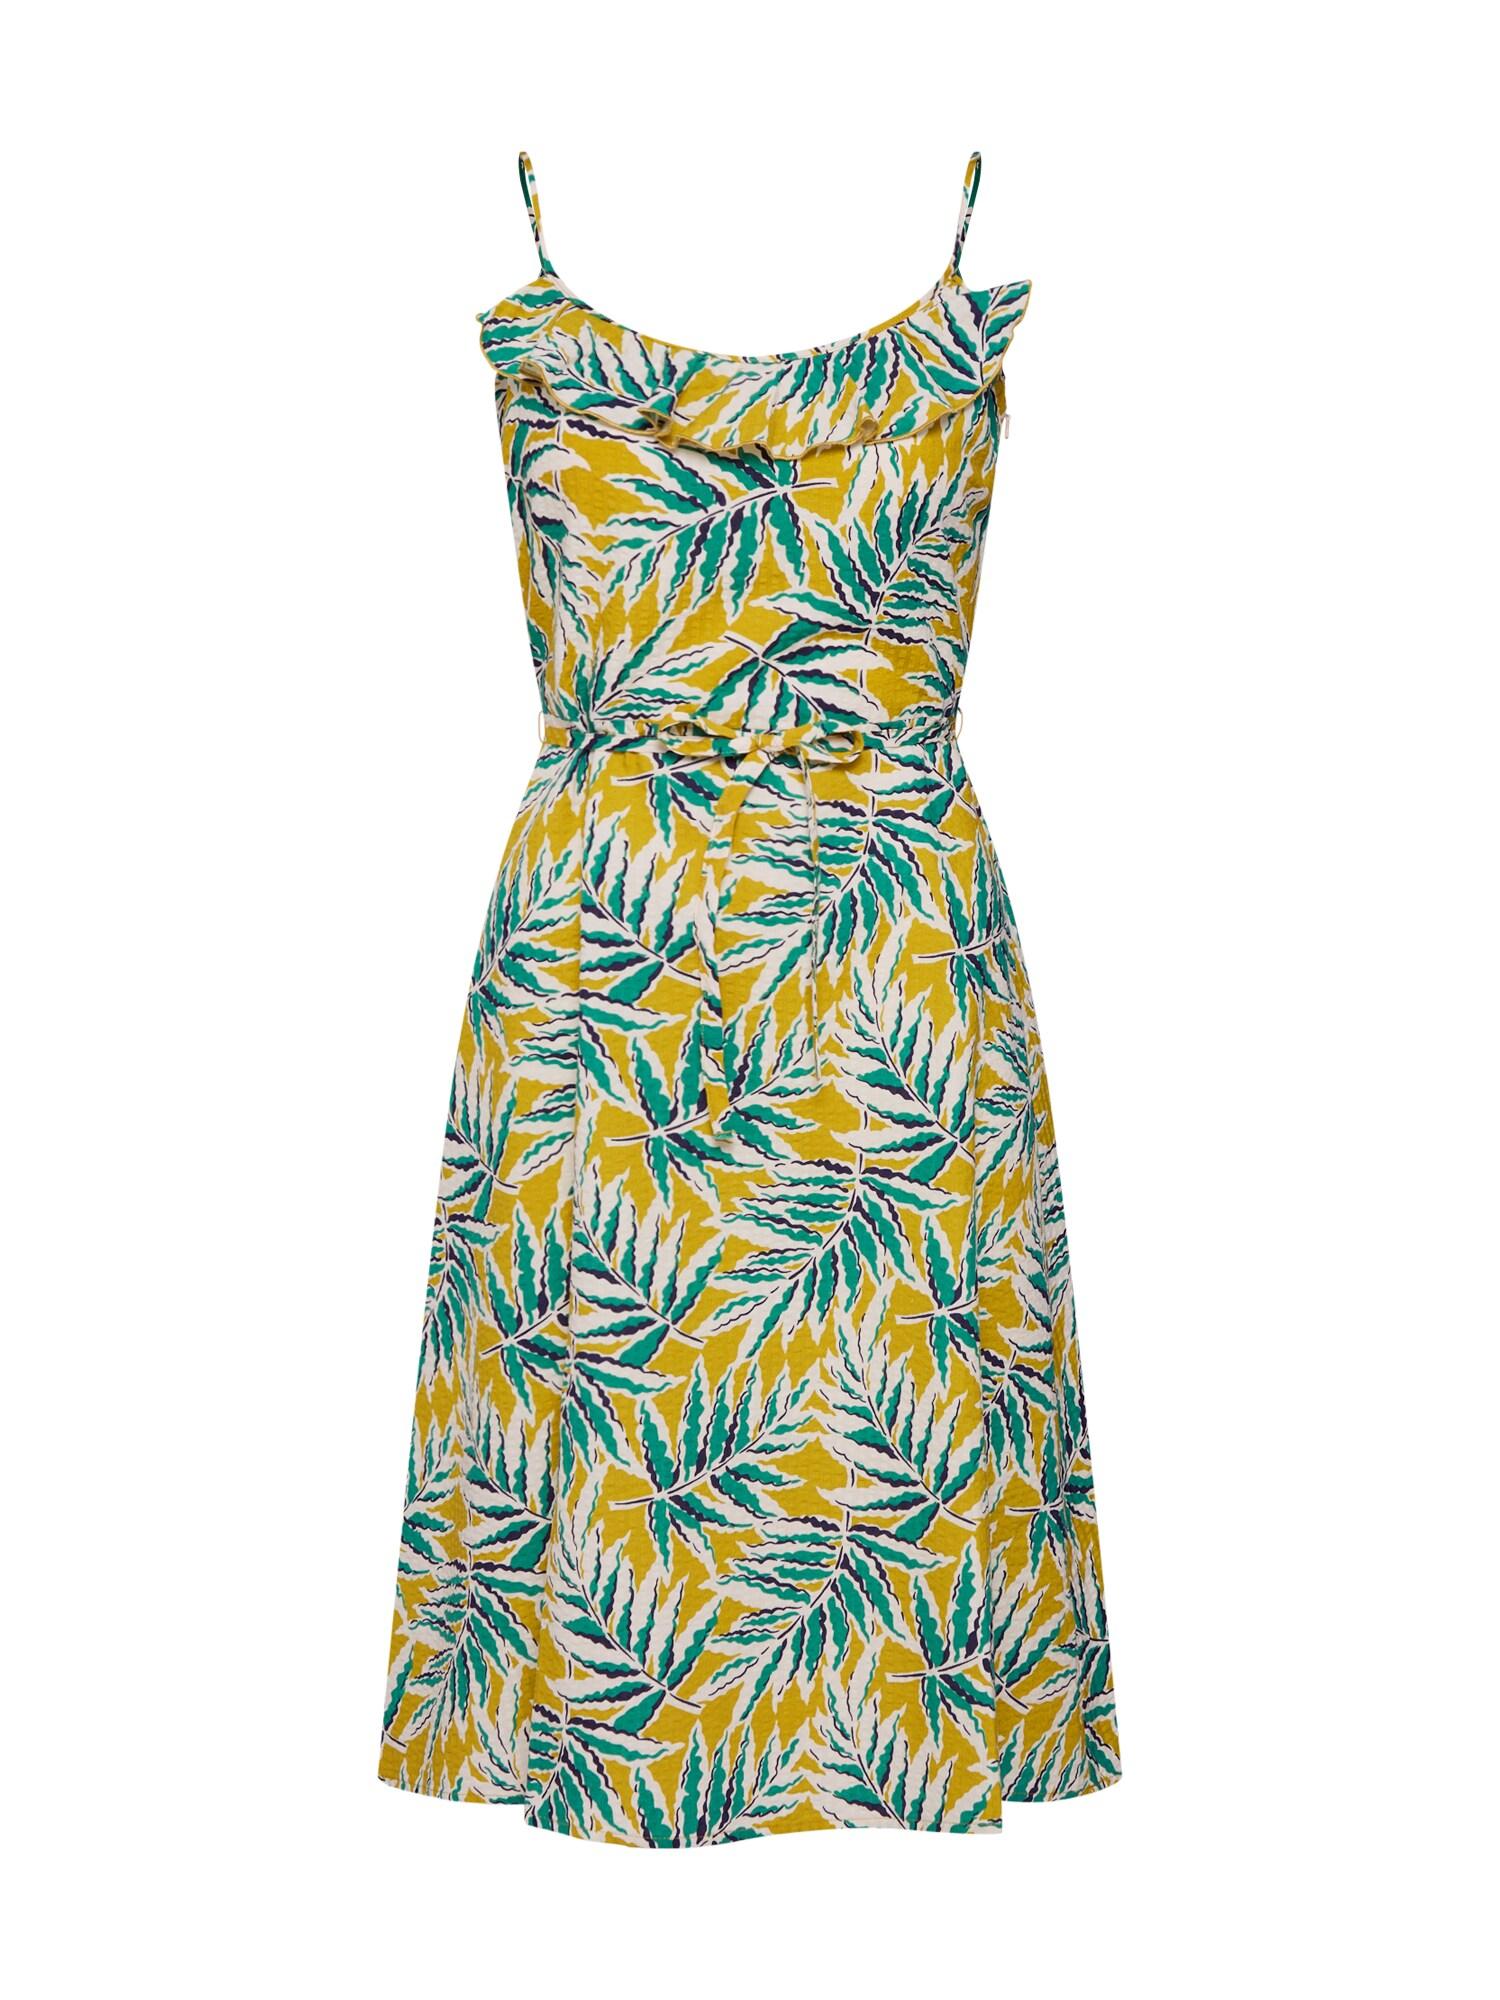 Letní šaty Viola Ruffle tmavě zelená King Louie